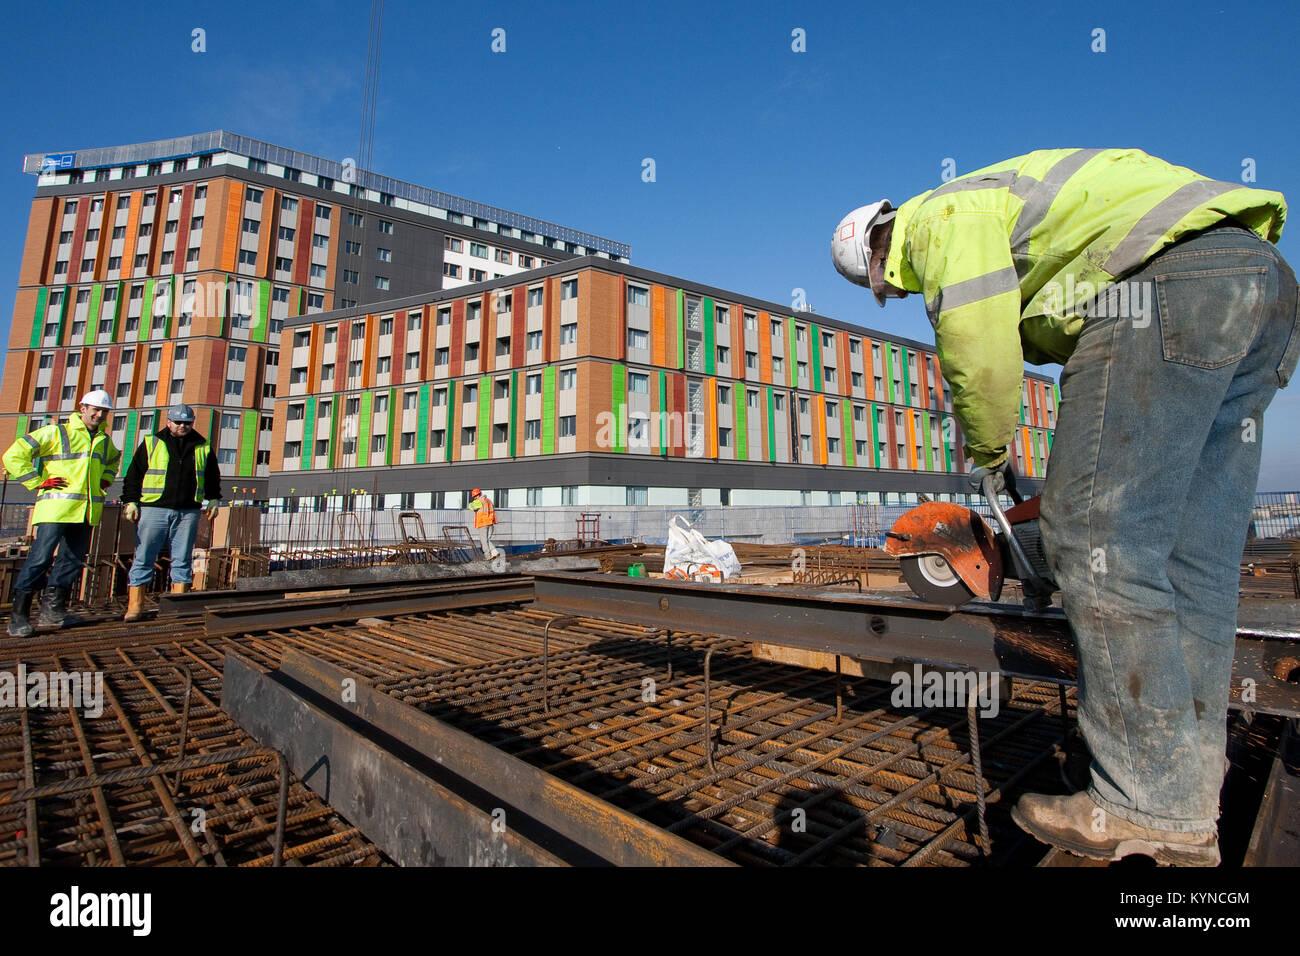 Construction of Hale Village, Tottenham Hale, London. Hale Village ...